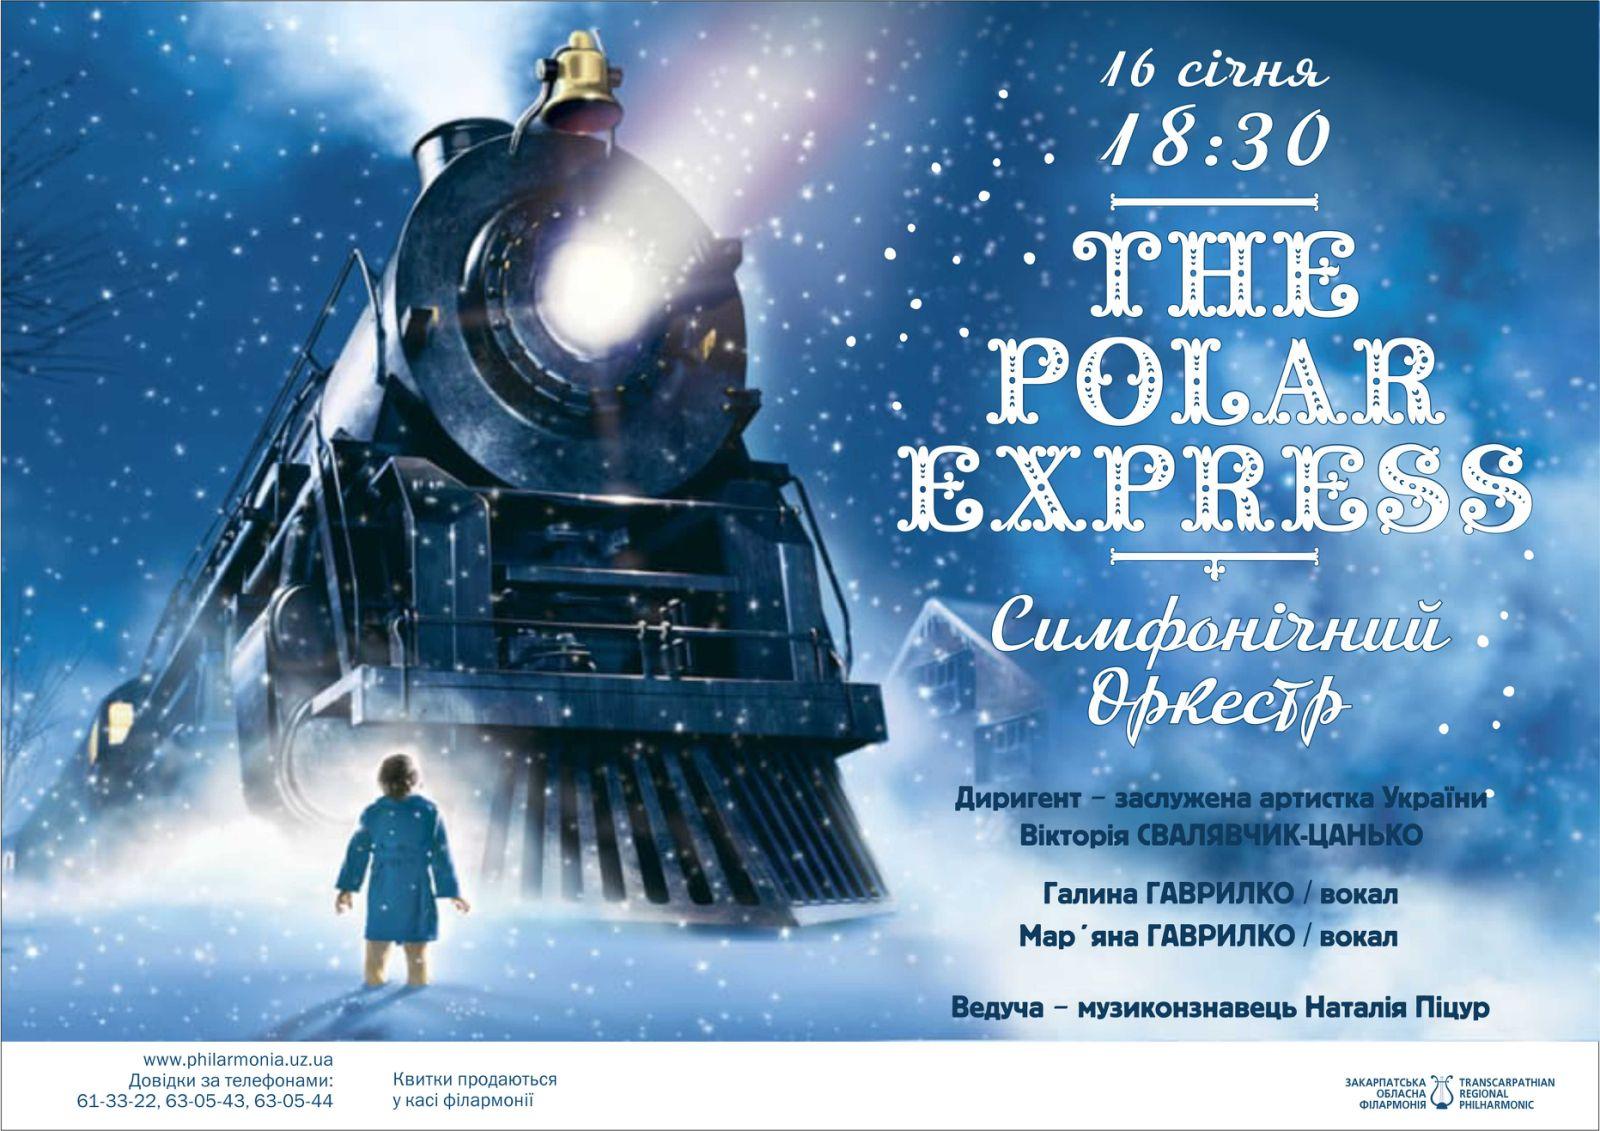 Симфонічний оркестр Закарпатської обласної філармонії запрошує на феєричну концертну програму «THE POLAR EXPRESS»